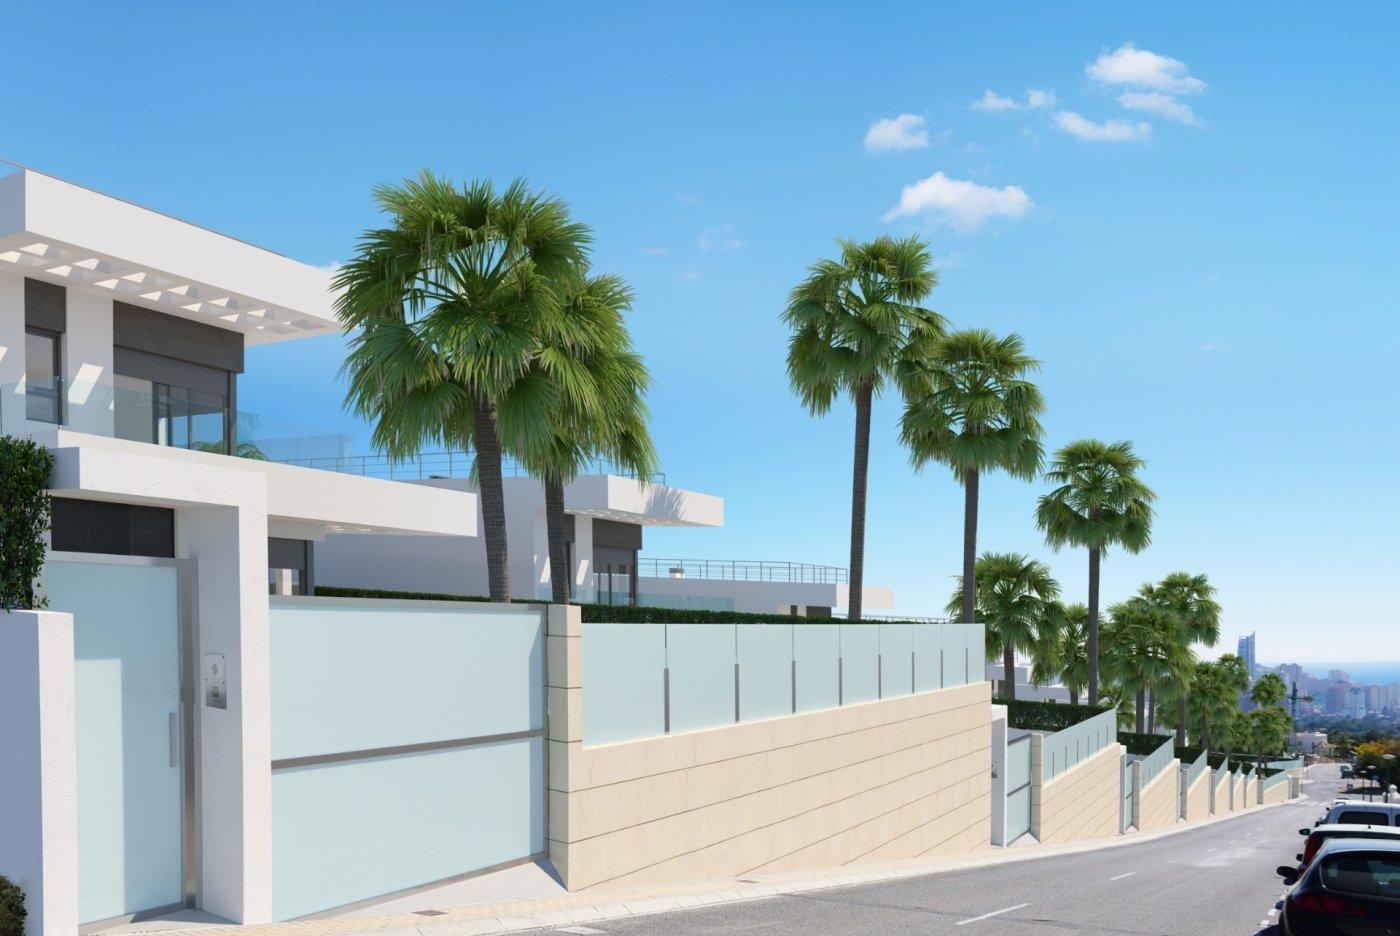 Villas modernas en sierra cortina (finestrat) a un paso de benidorm - imagenInmueble1